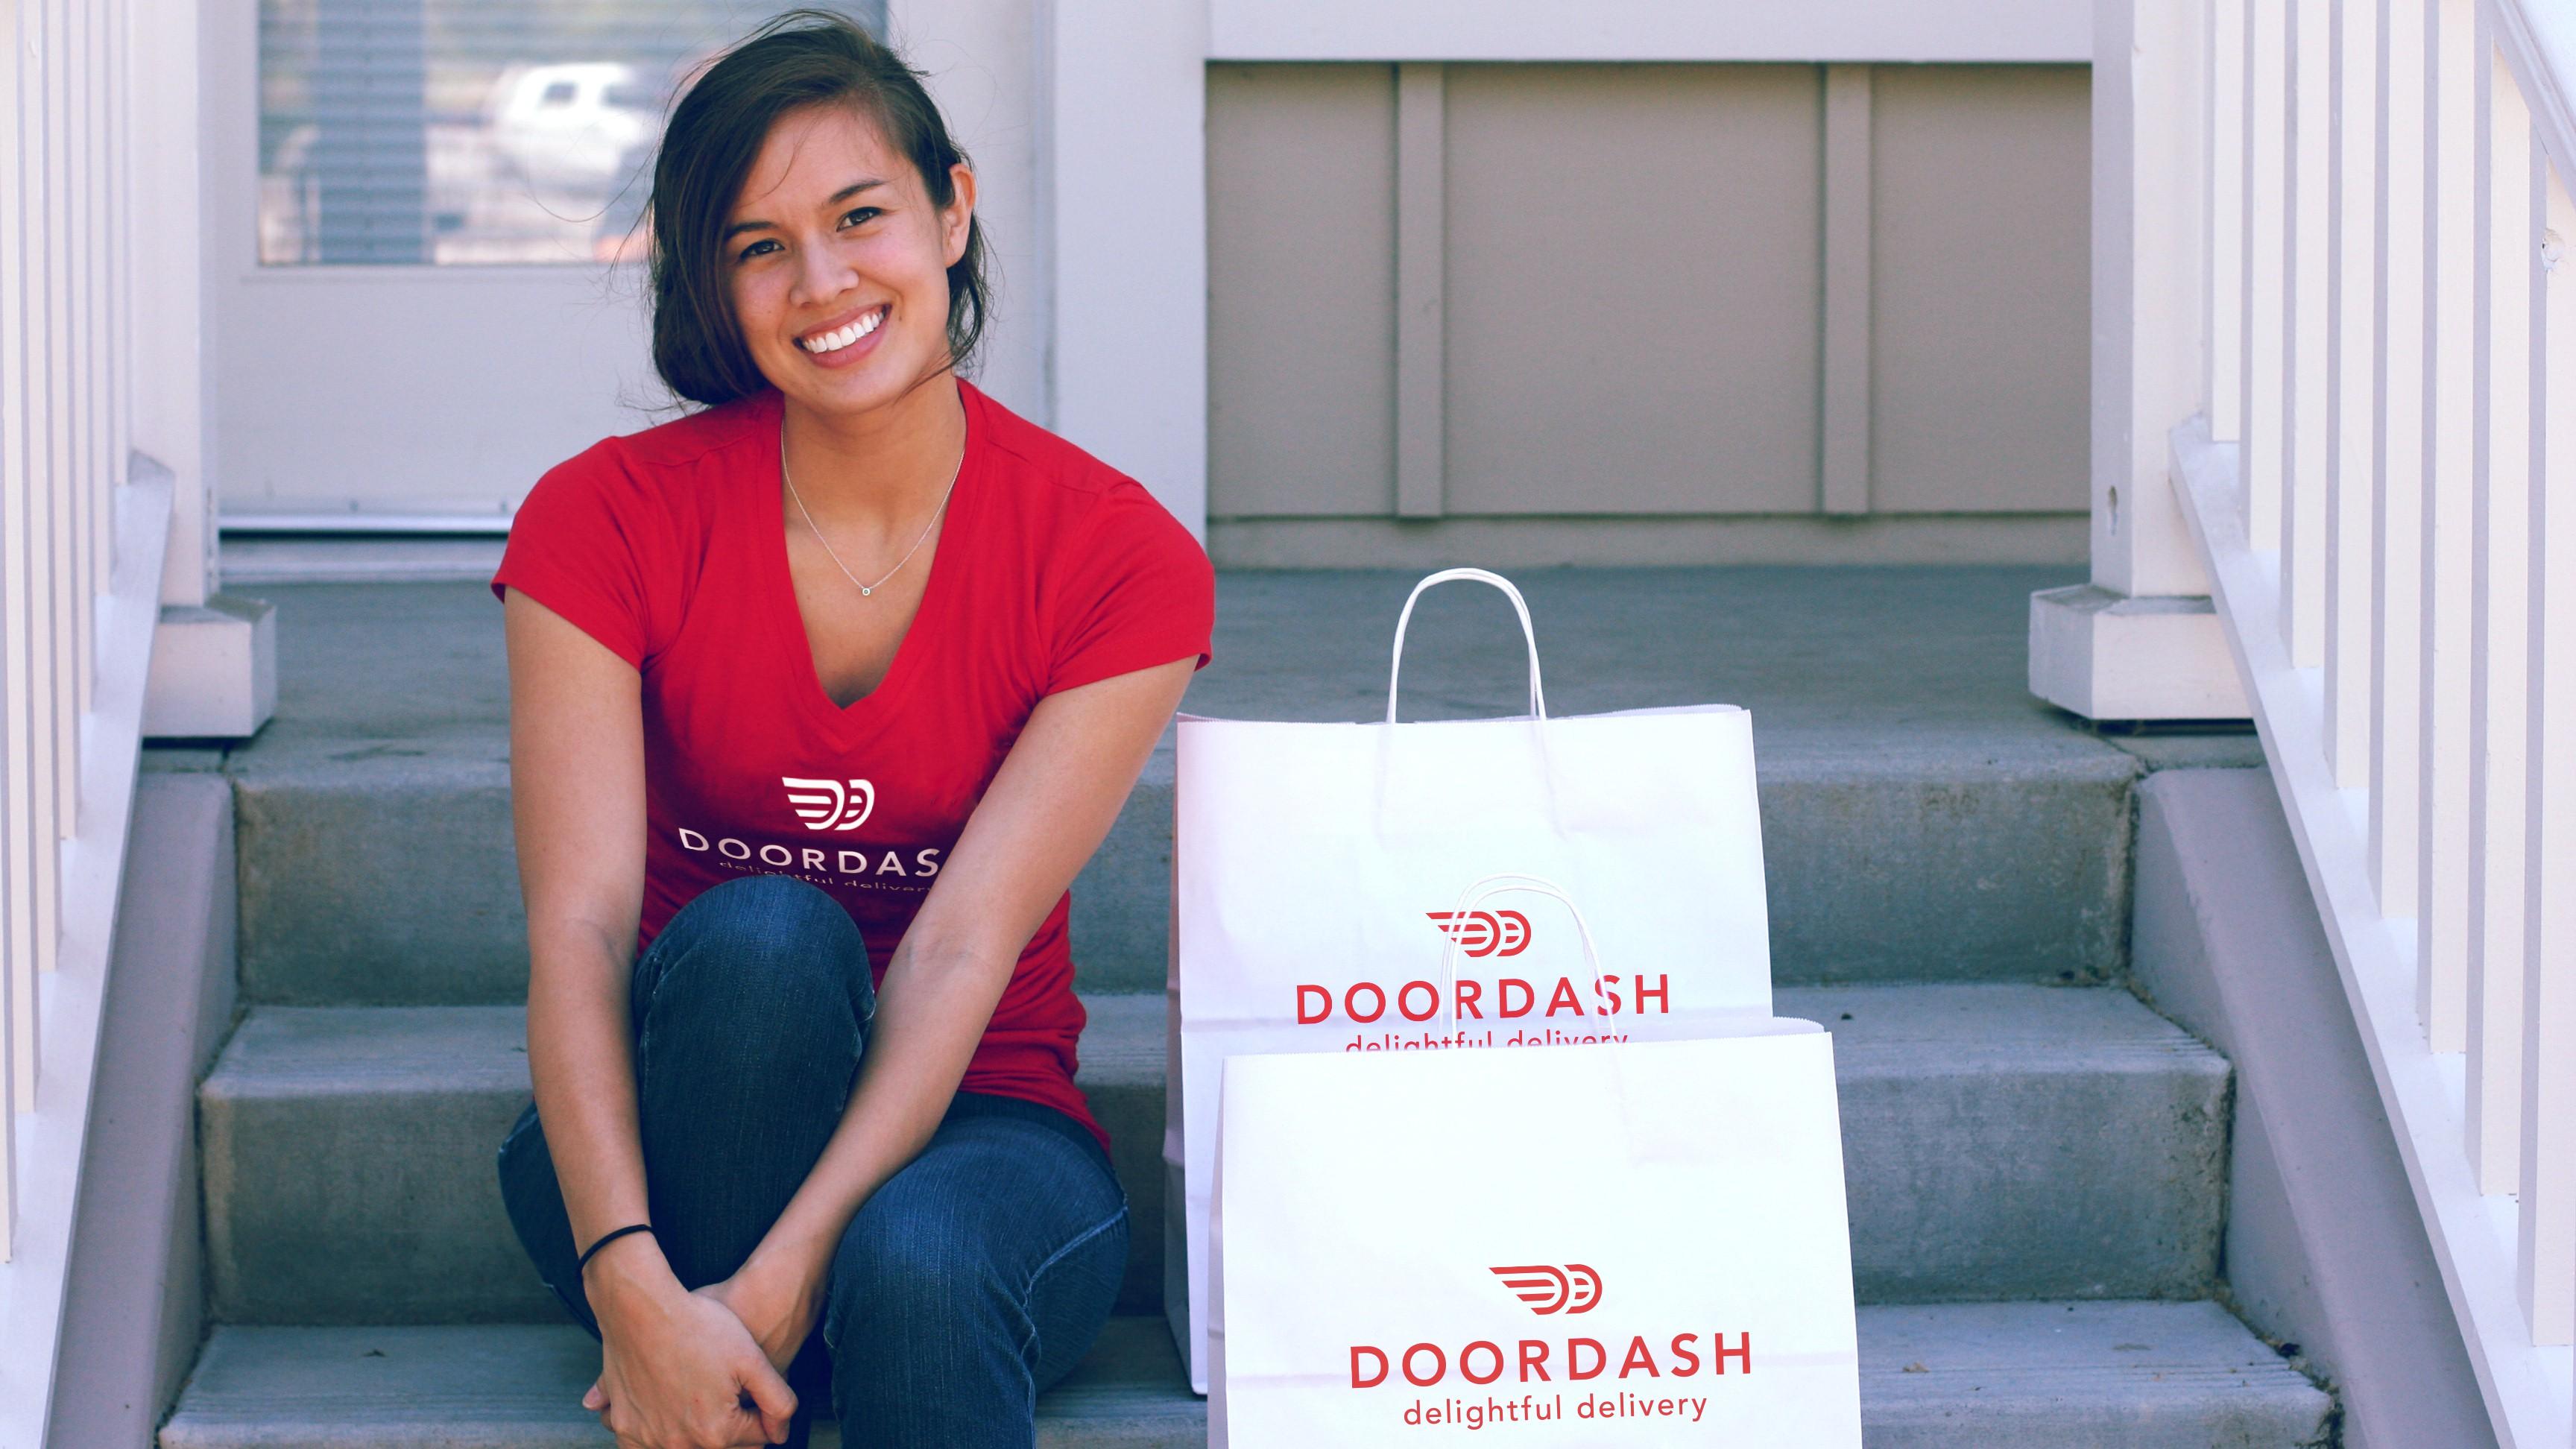 DoorDash is not this happy.